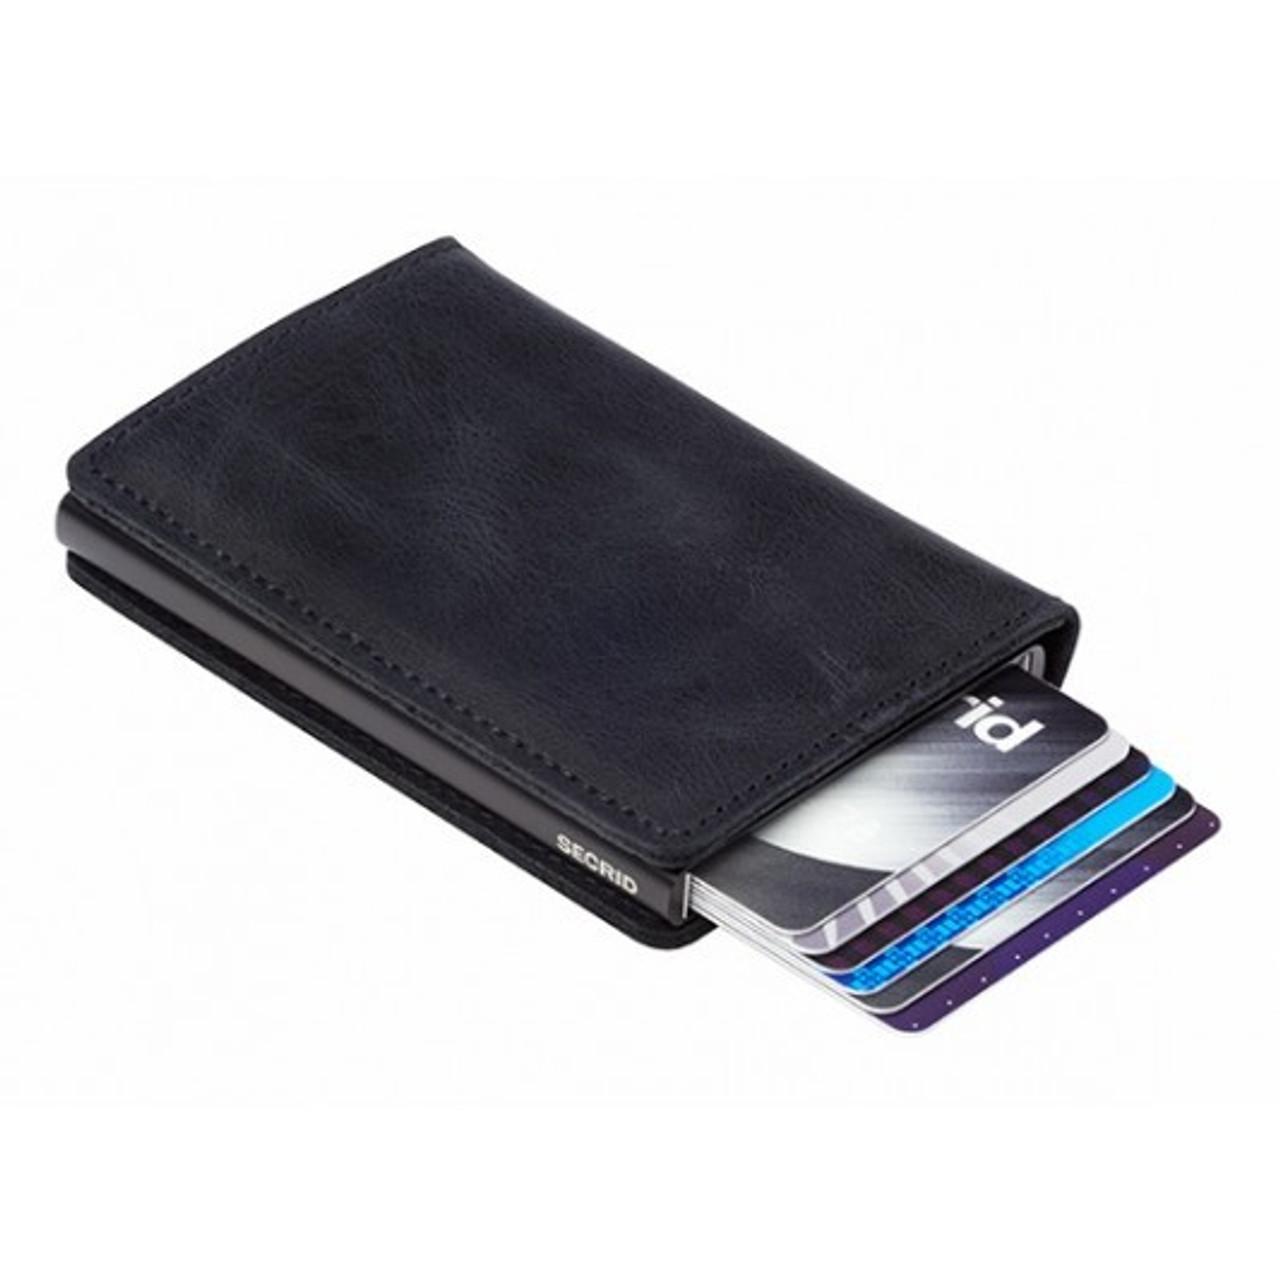 86ef3cf5273e Secrid - Slim Wallet Vintage Black - Starlet